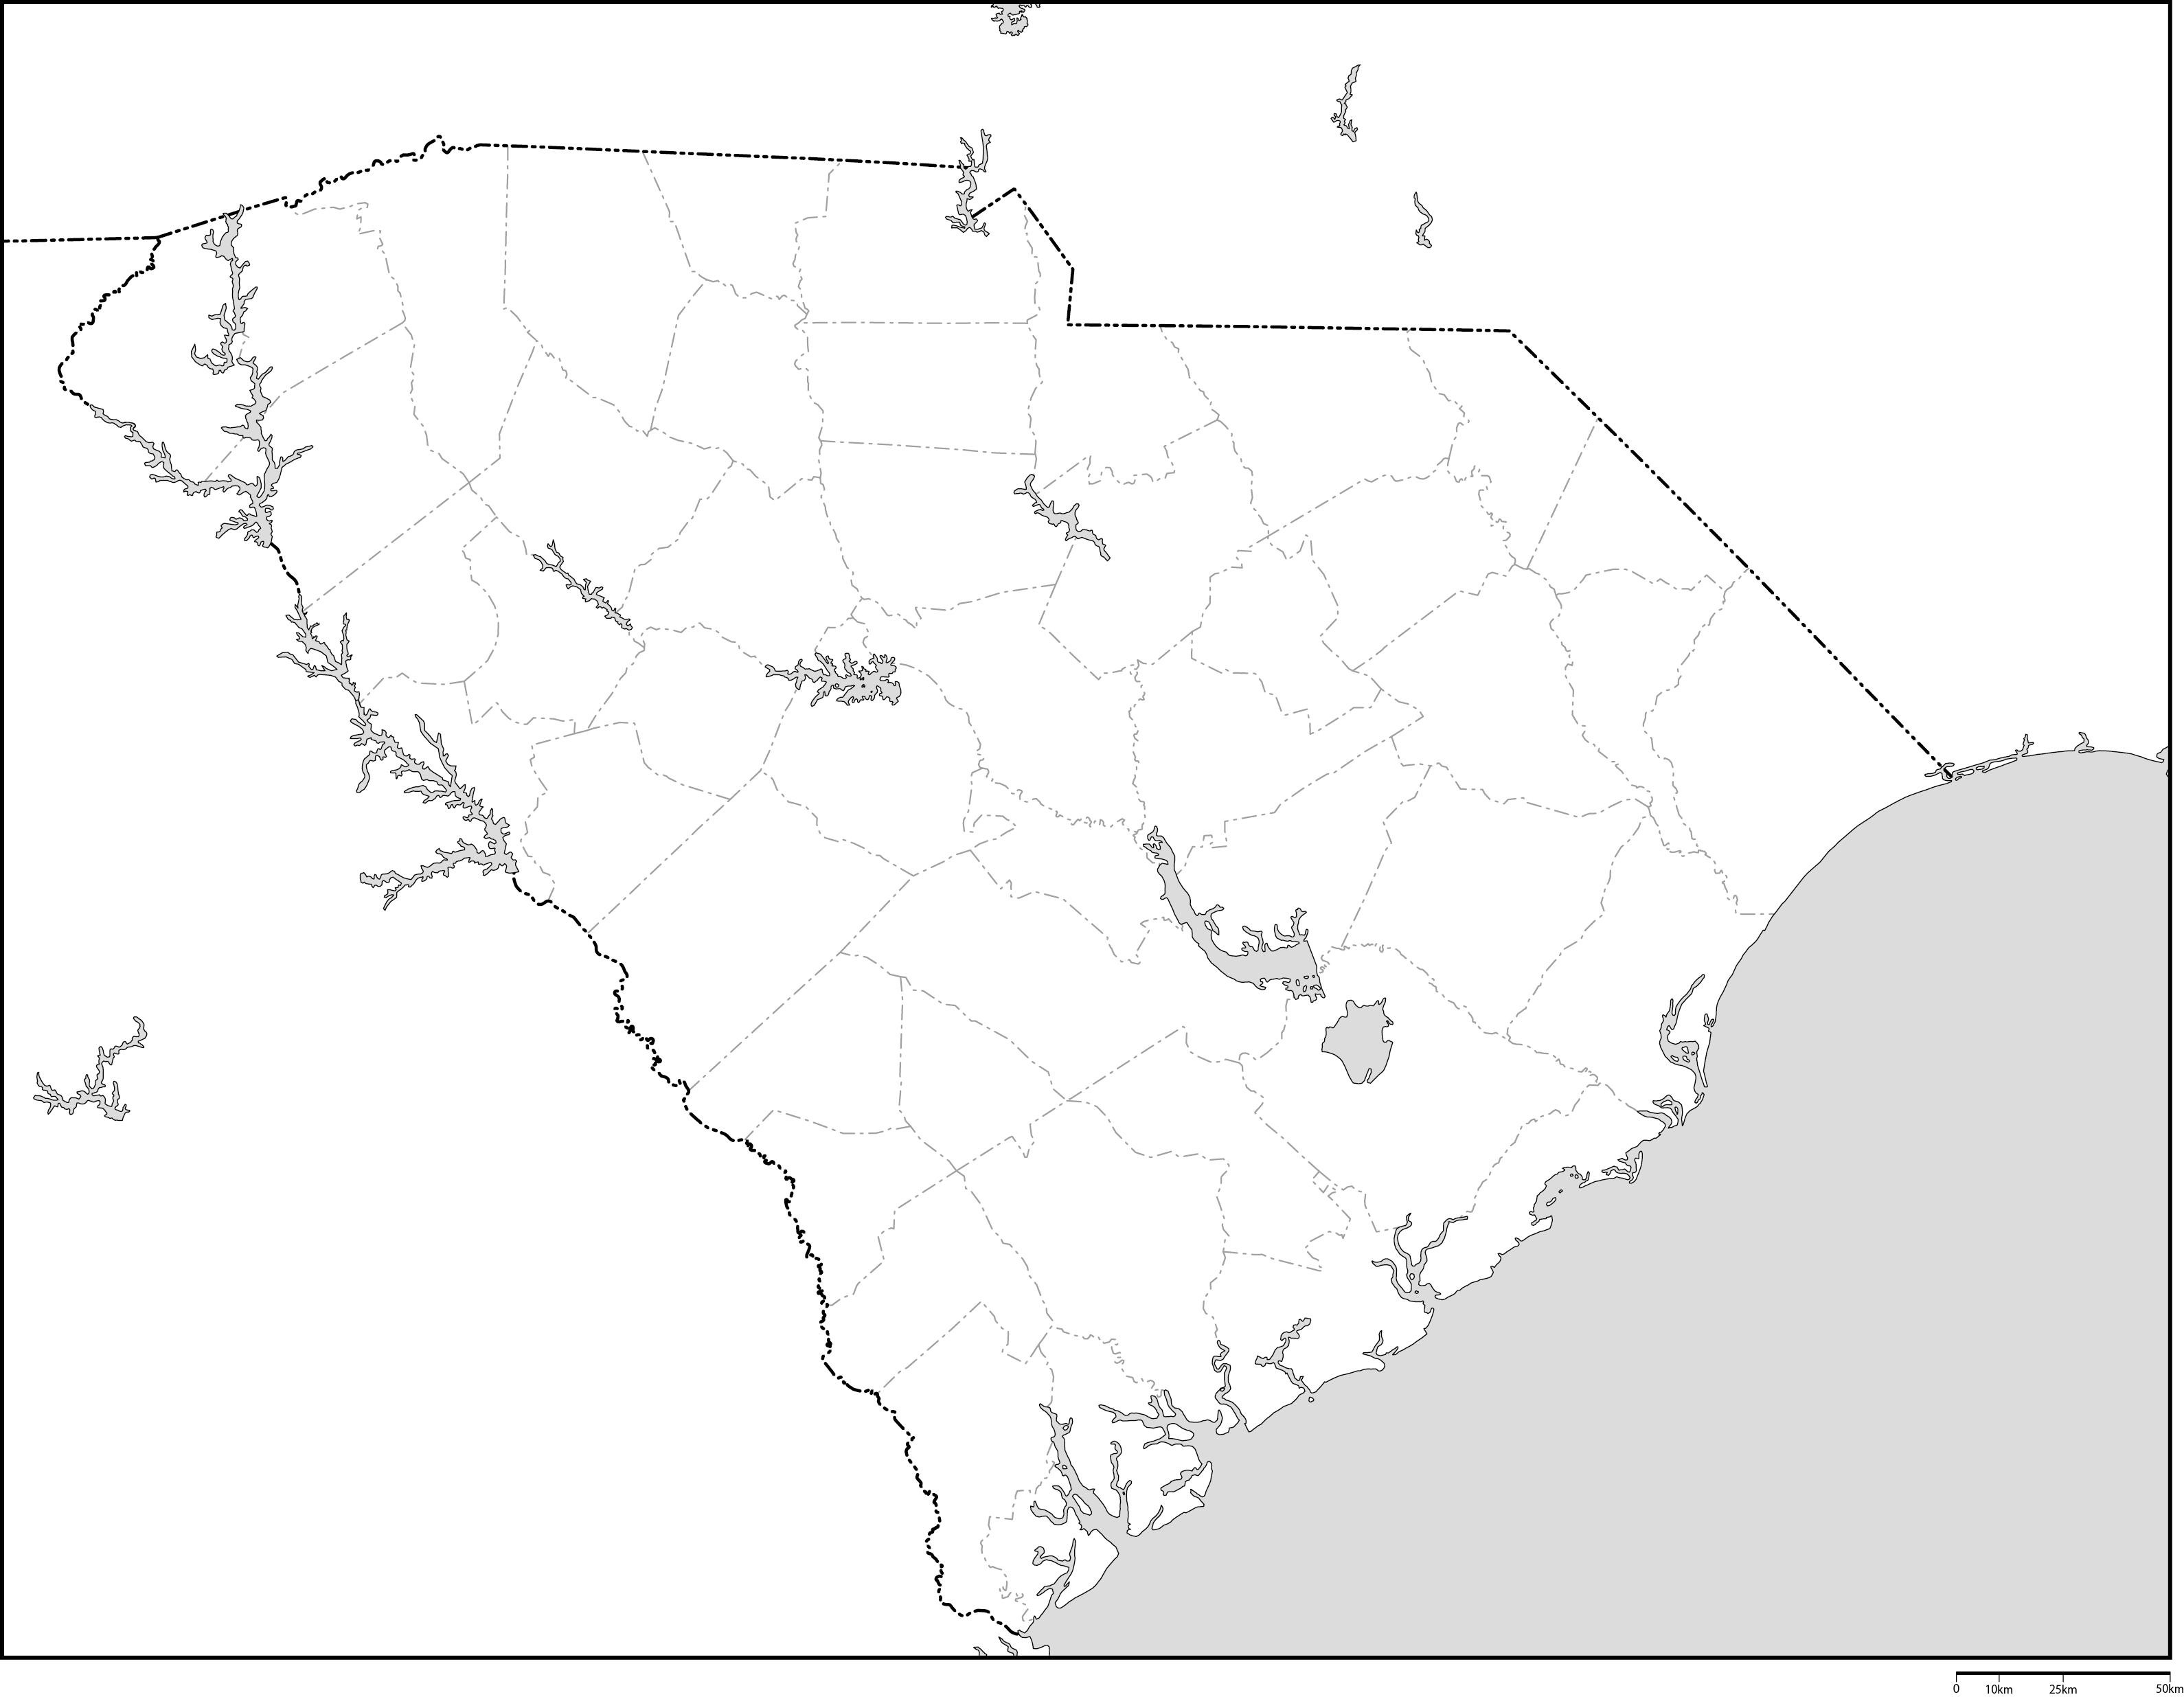 サウスカロライナ州郡分け白地図...